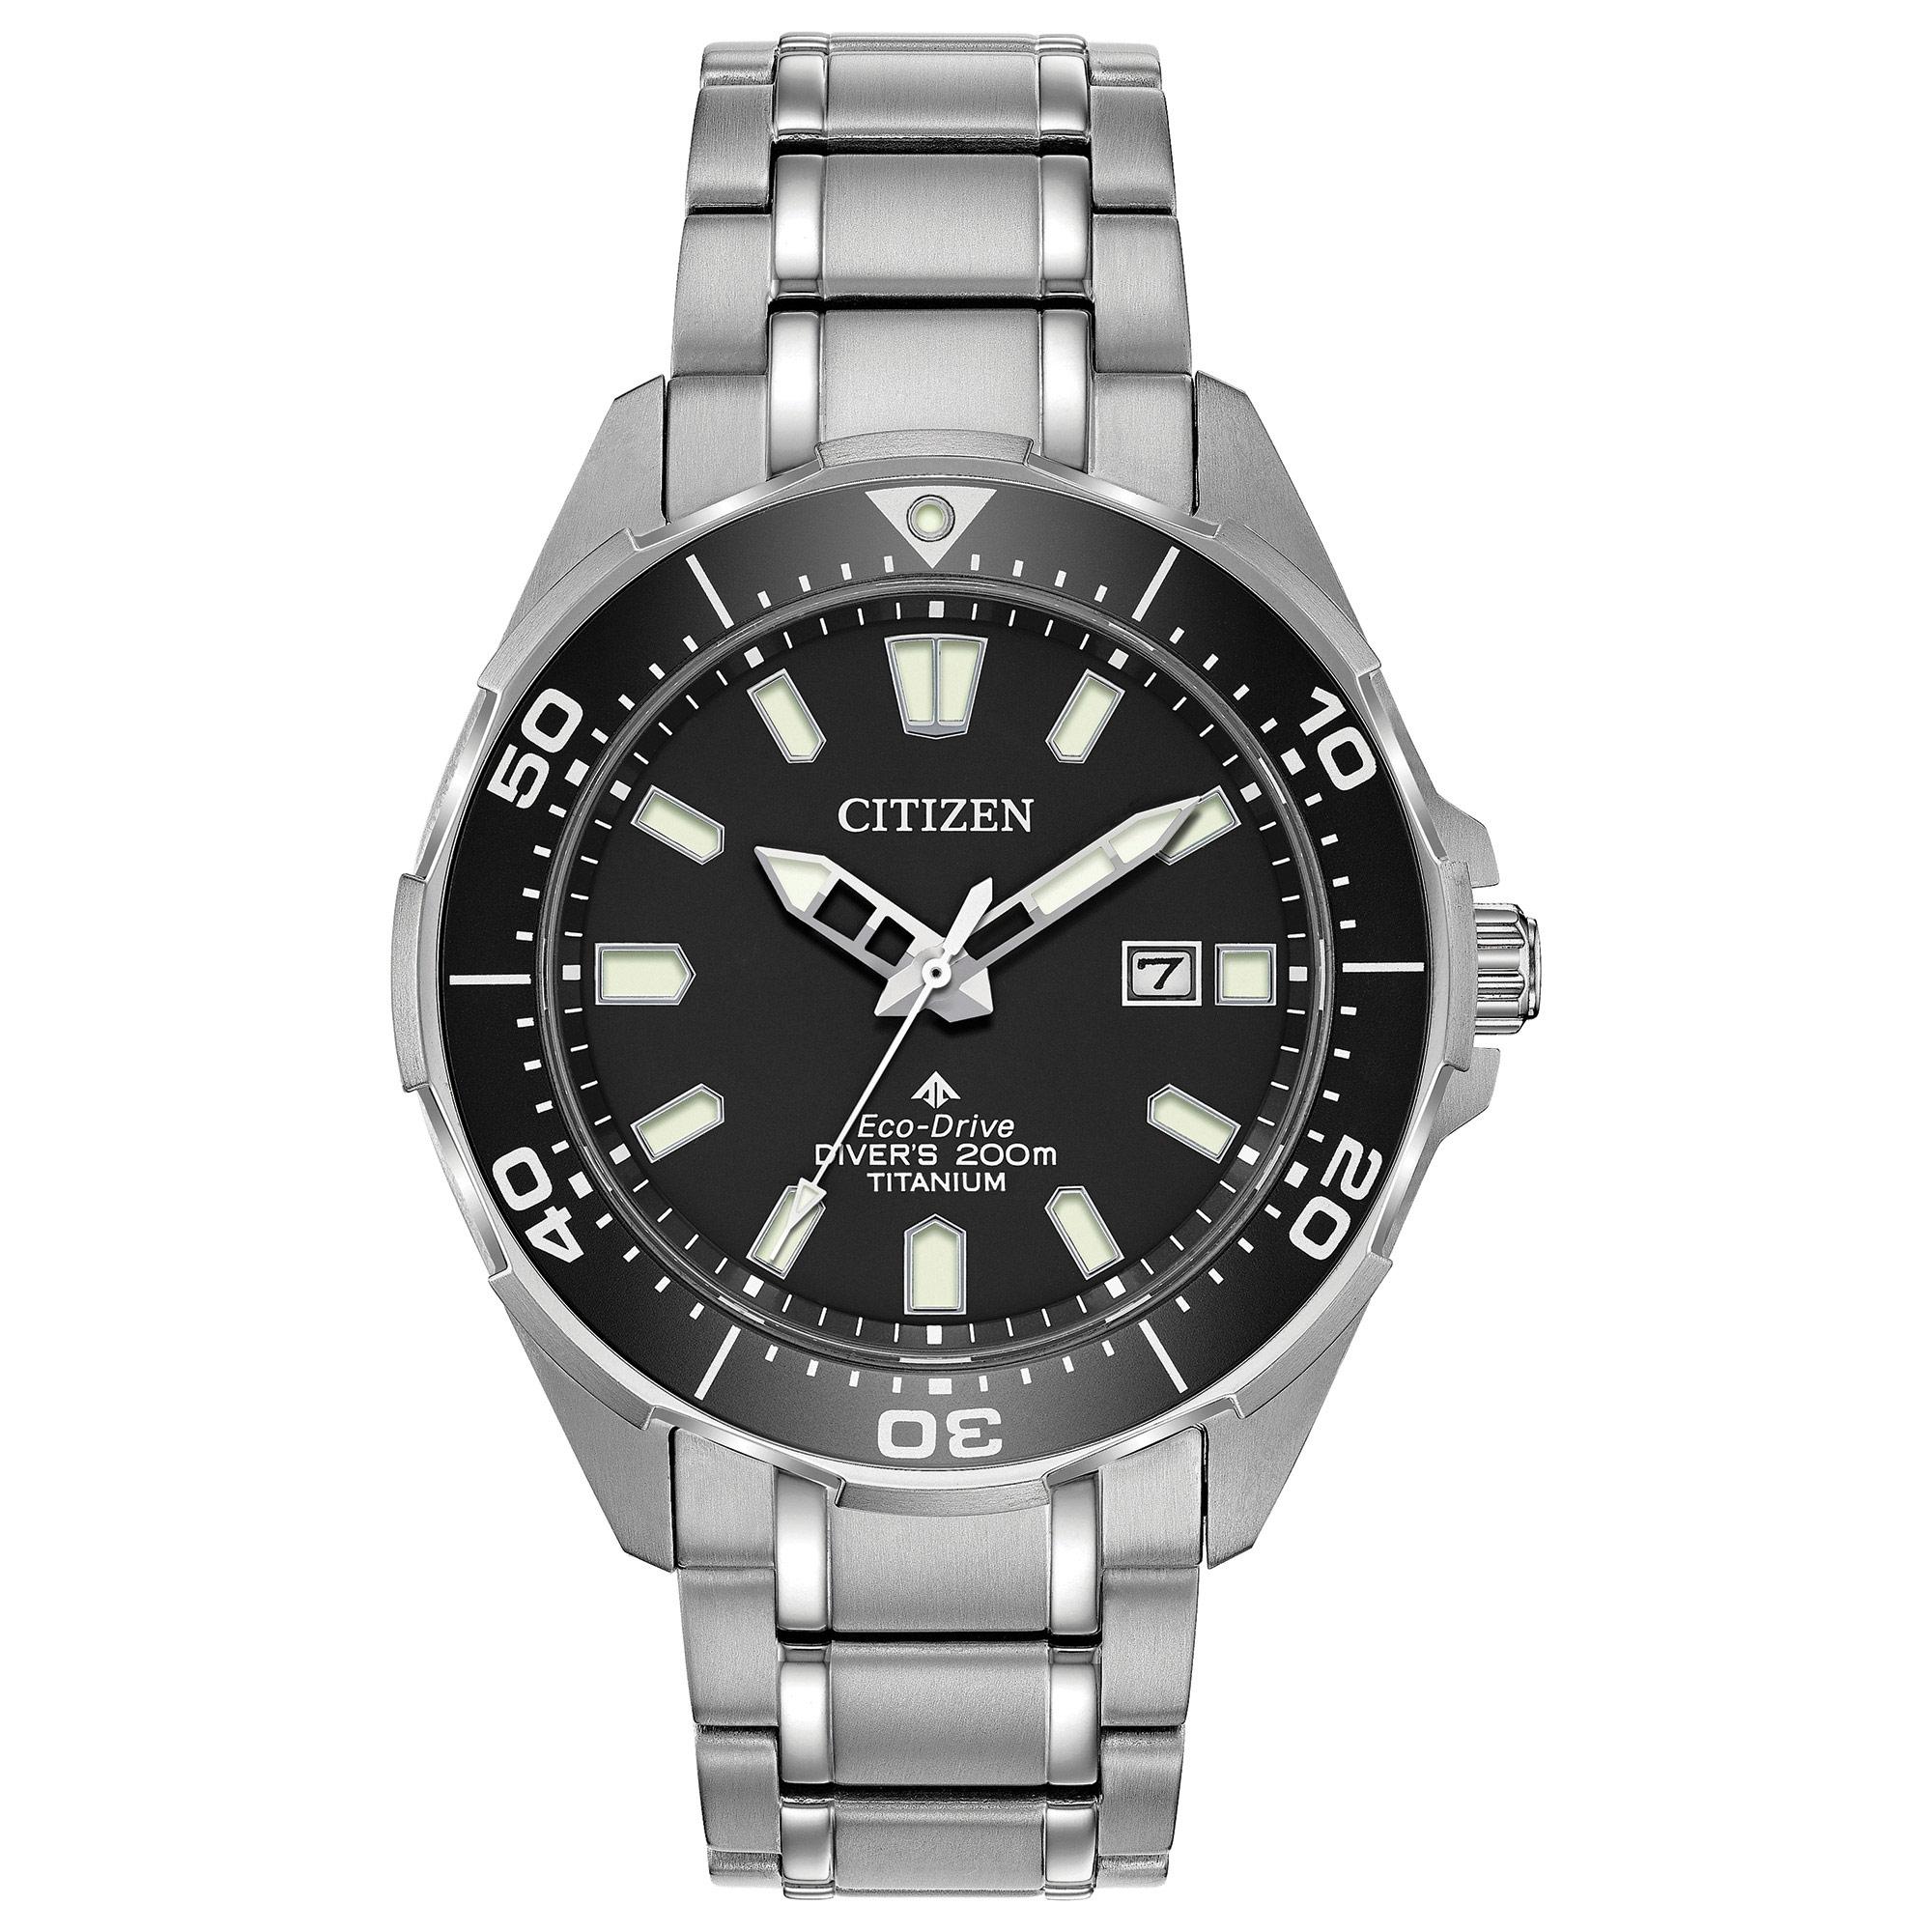 Bn0200 56e citizen promaster diver eco drive mens watch tq diamonds - Citizen promaster dive watch ...